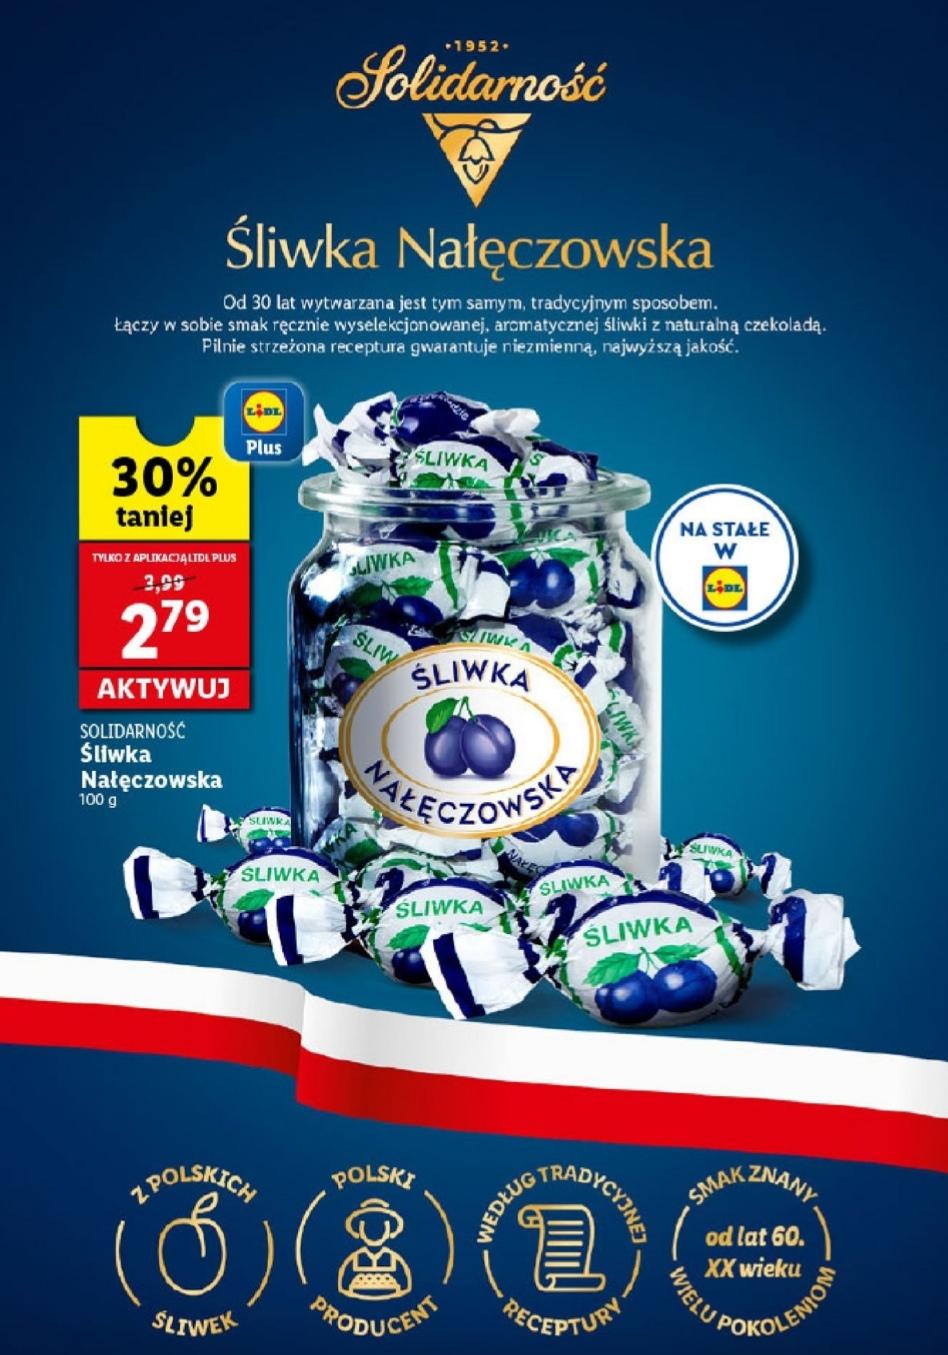 Śliwka Nałęczowska Solidarność 2,79 zł. za 100g w Lidl